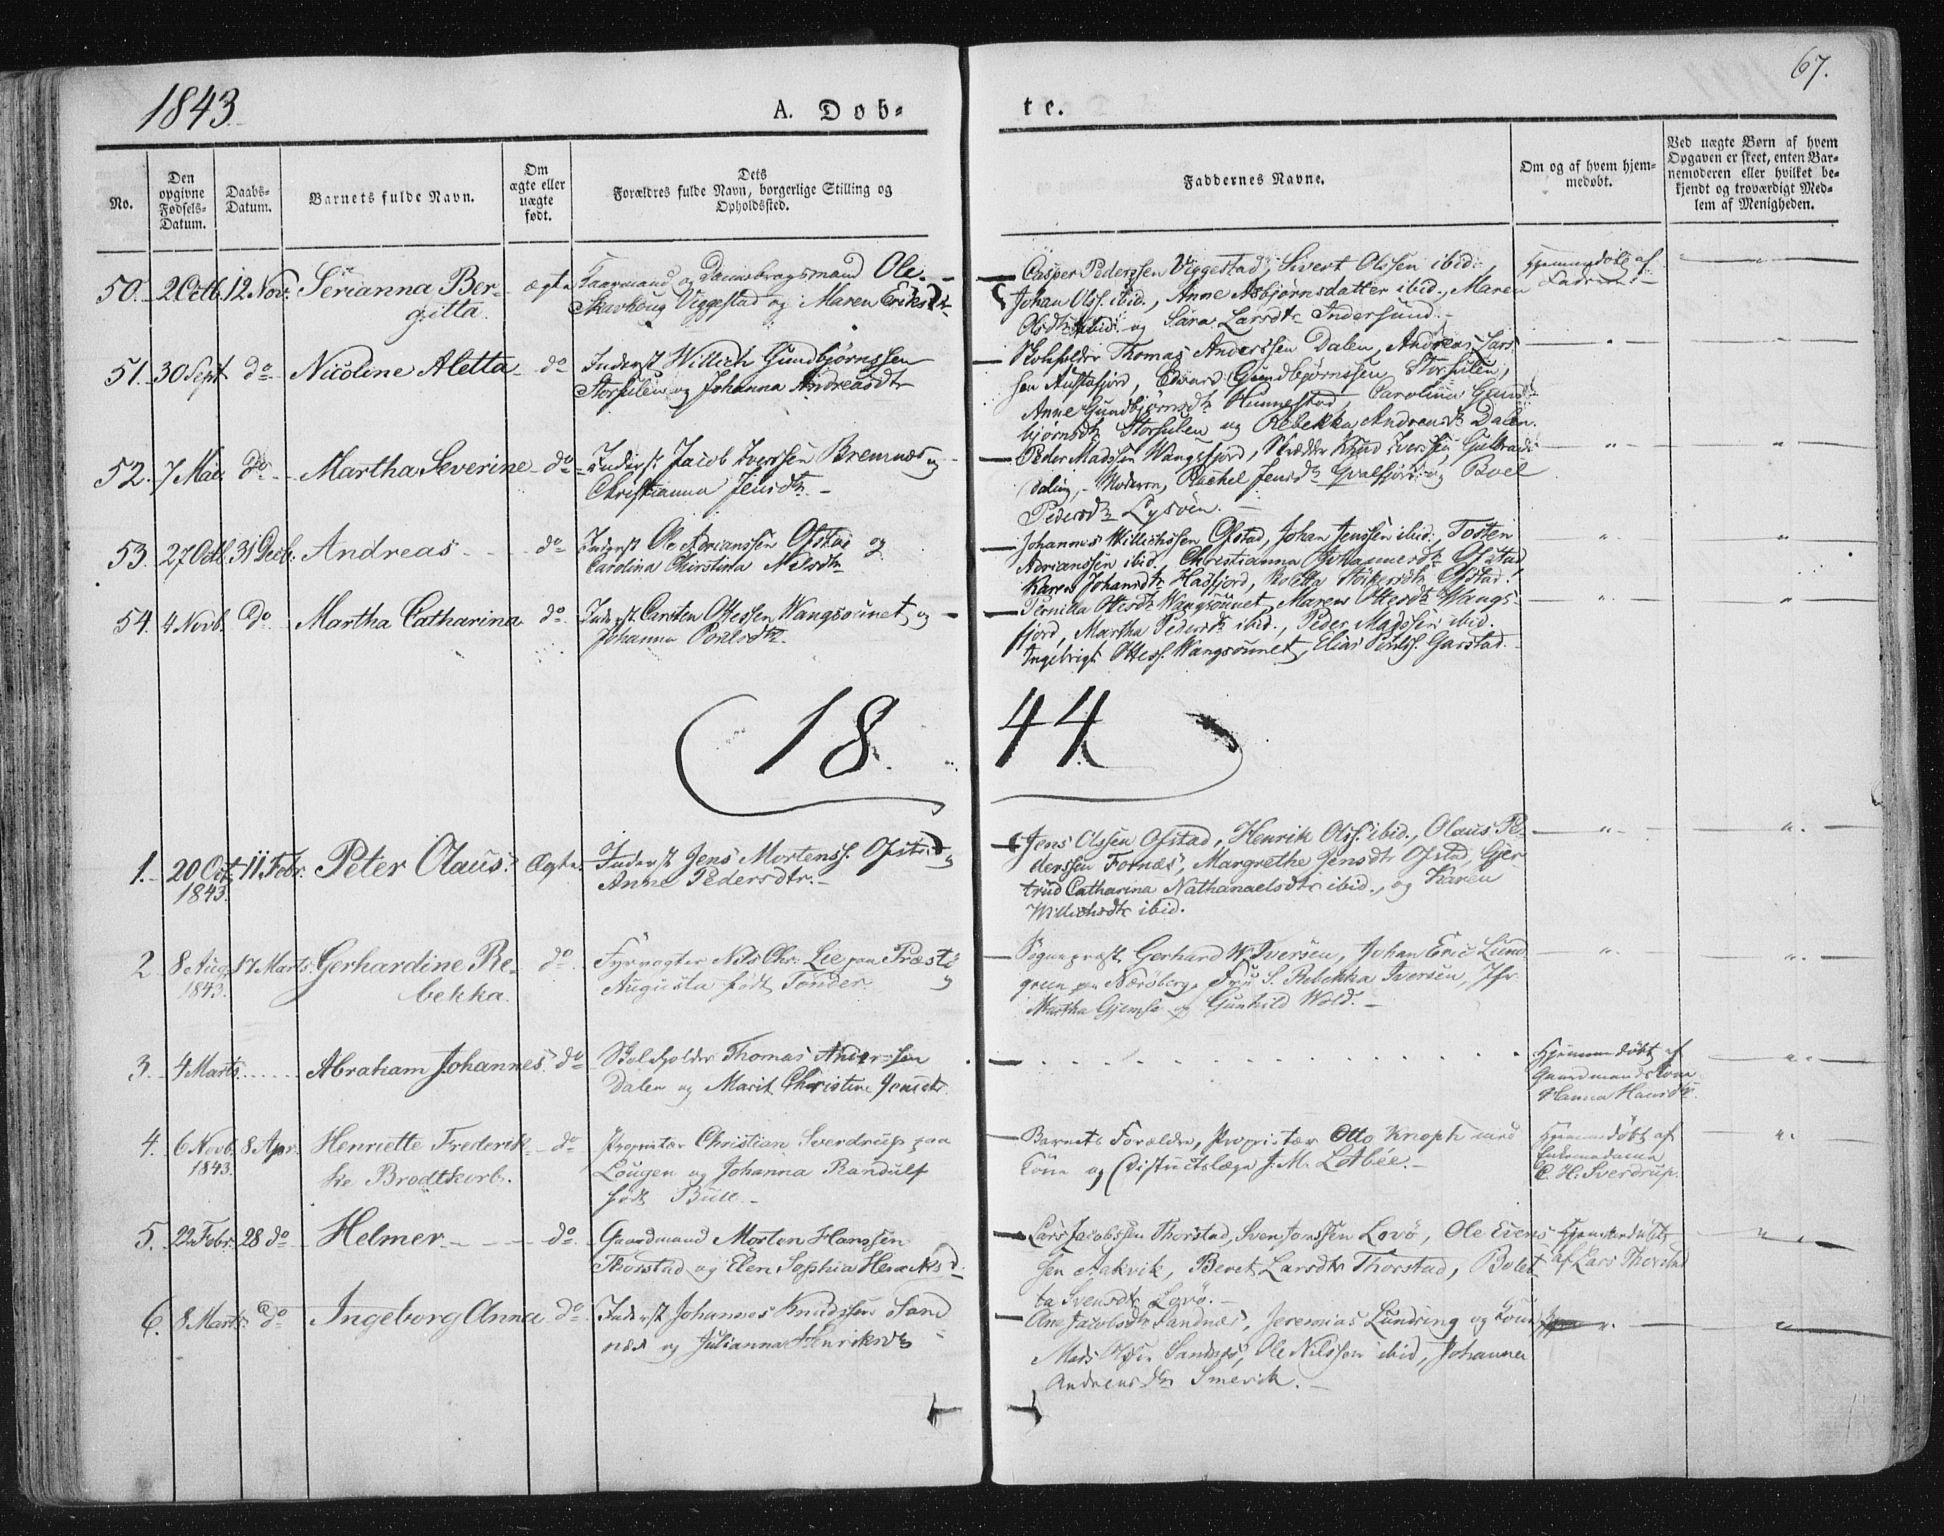 SAT, Ministerialprotokoller, klokkerbøker og fødselsregistre - Nord-Trøndelag, 784/L0669: Ministerialbok nr. 784A04, 1829-1859, s. 67